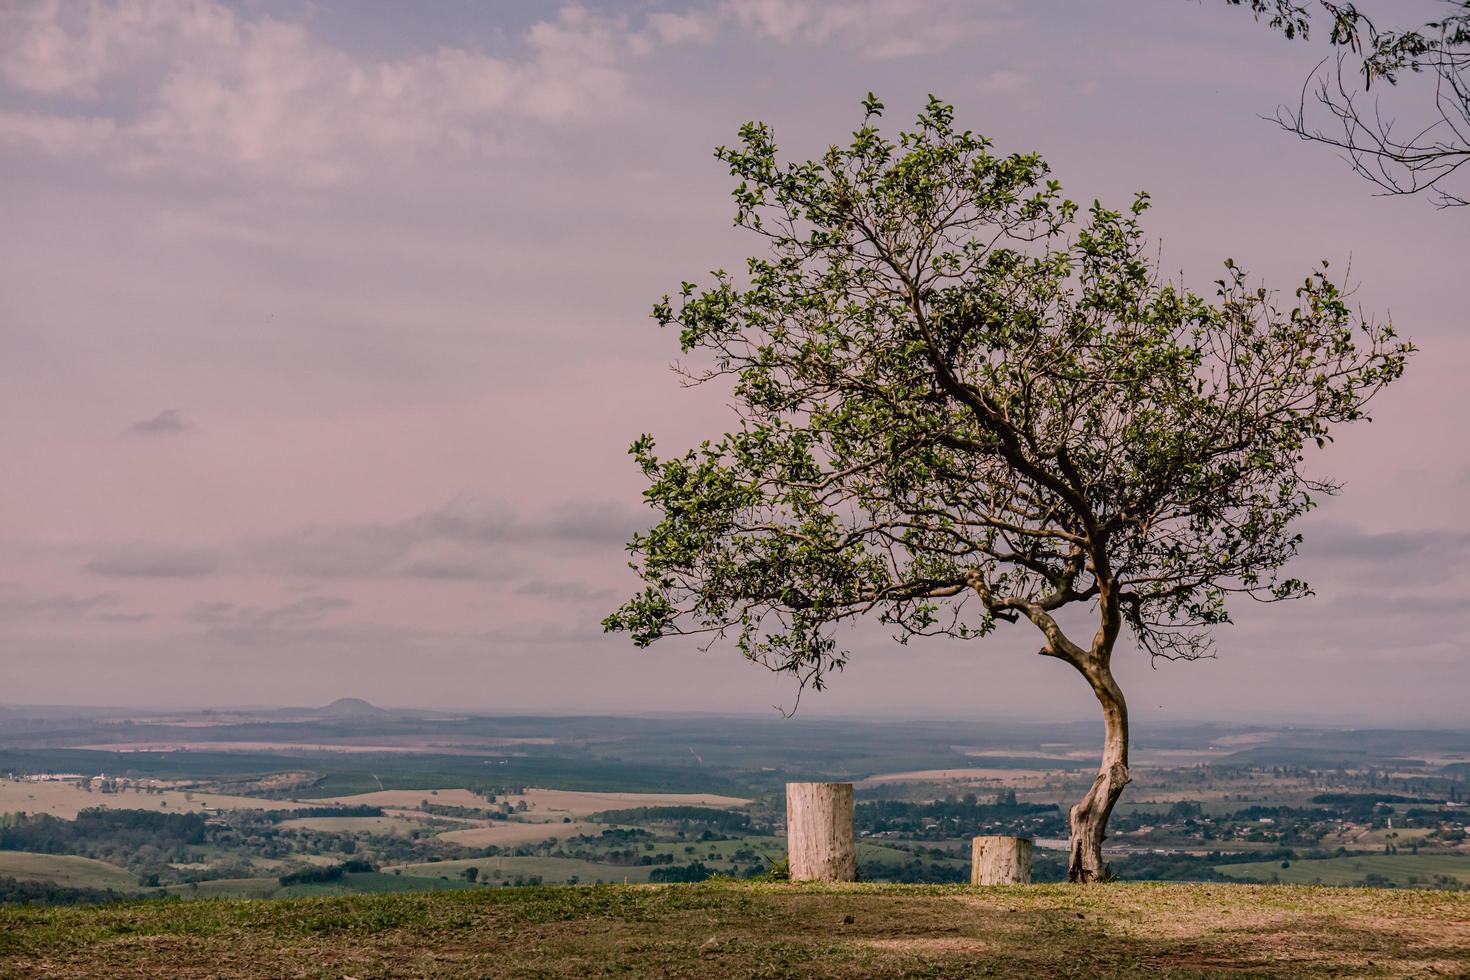 un solo árbol con dos lugares para sentarse foto